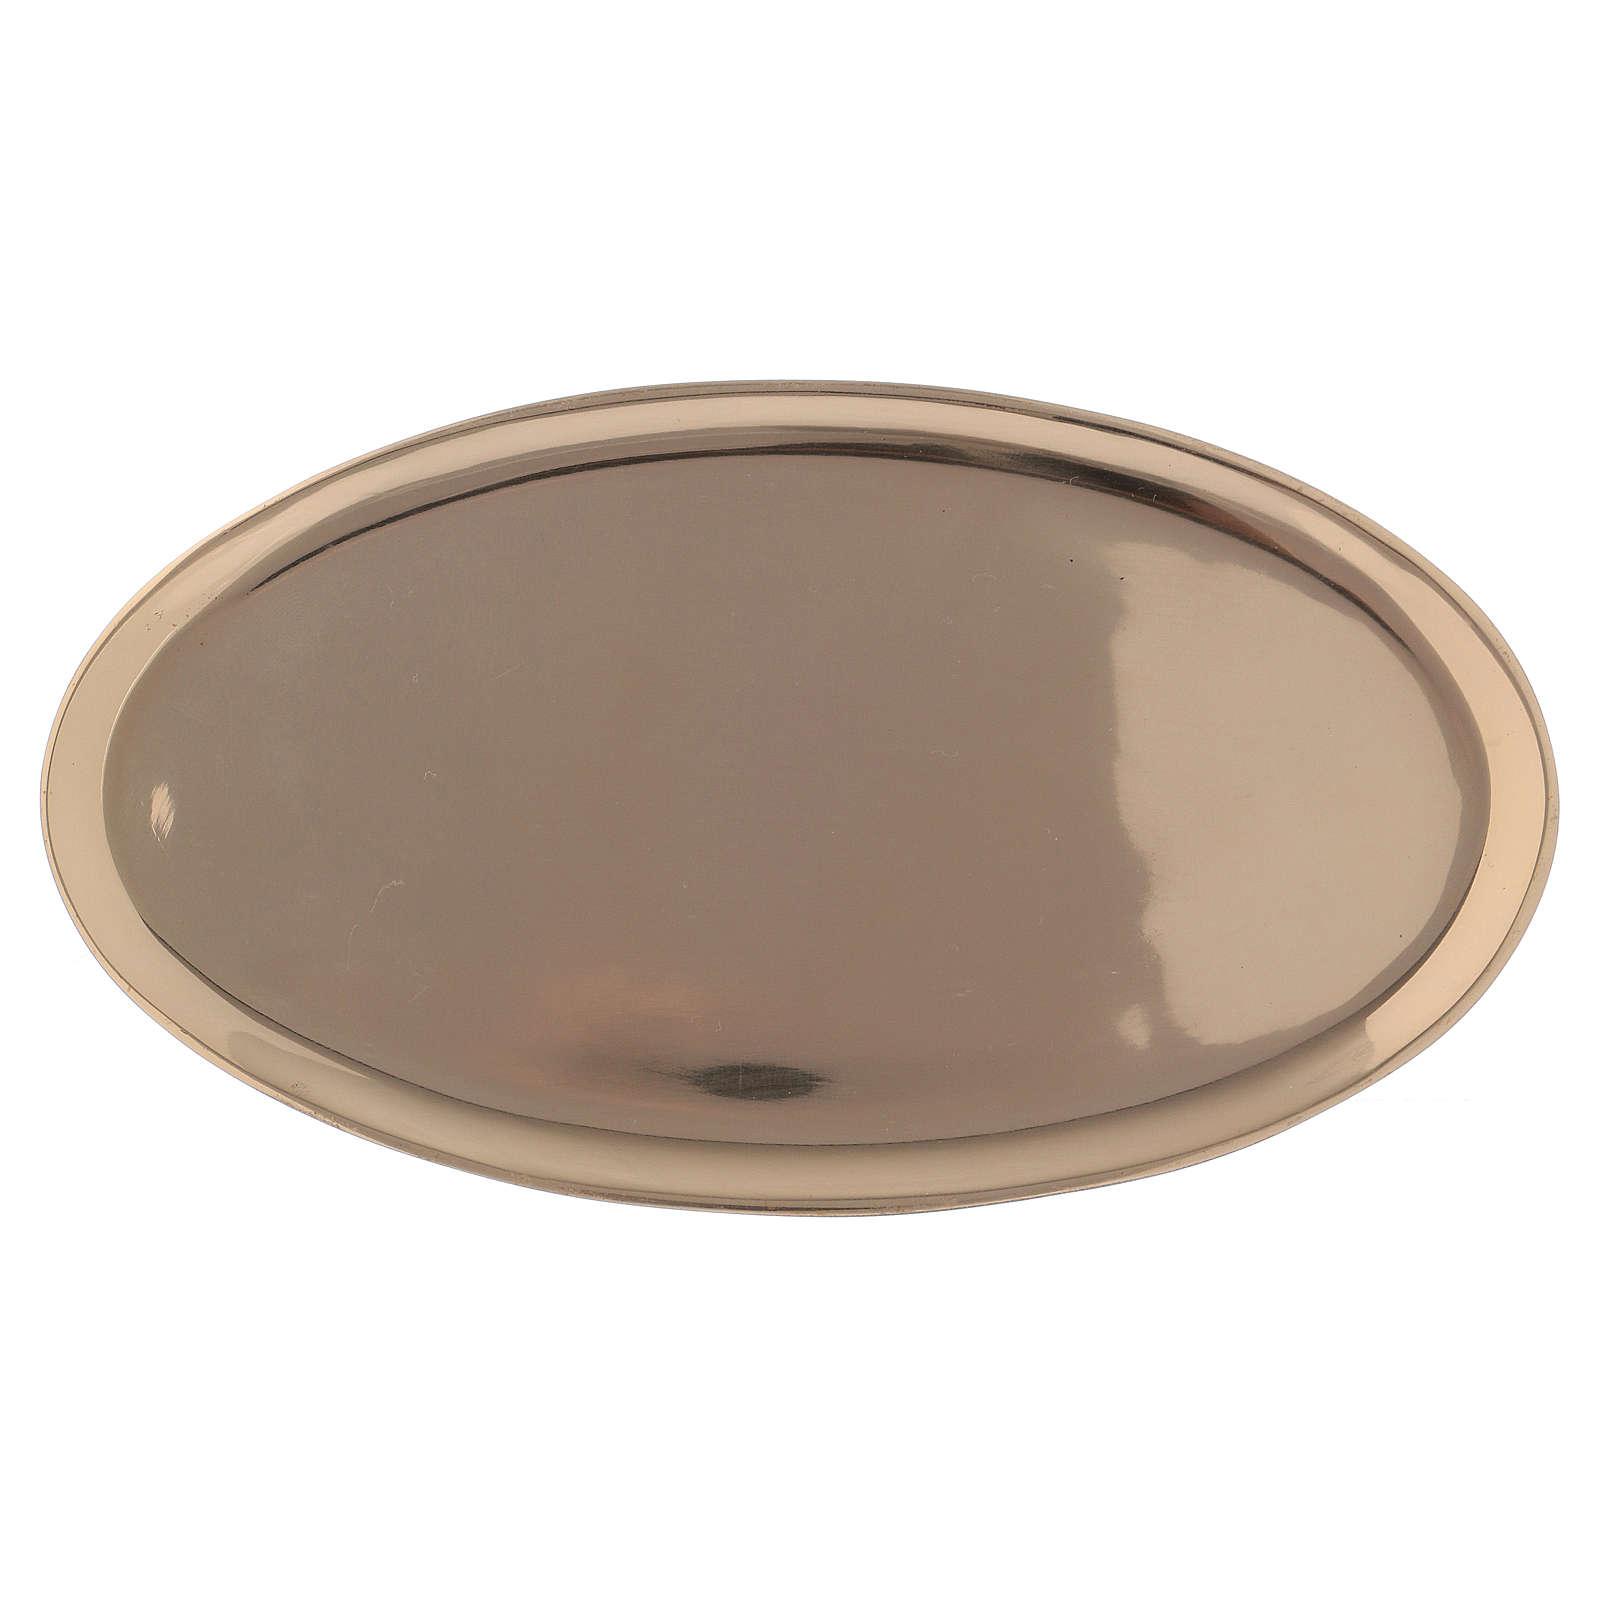 Piattino portacandela ovale ottone lucido a specchio 20x11 cm 3